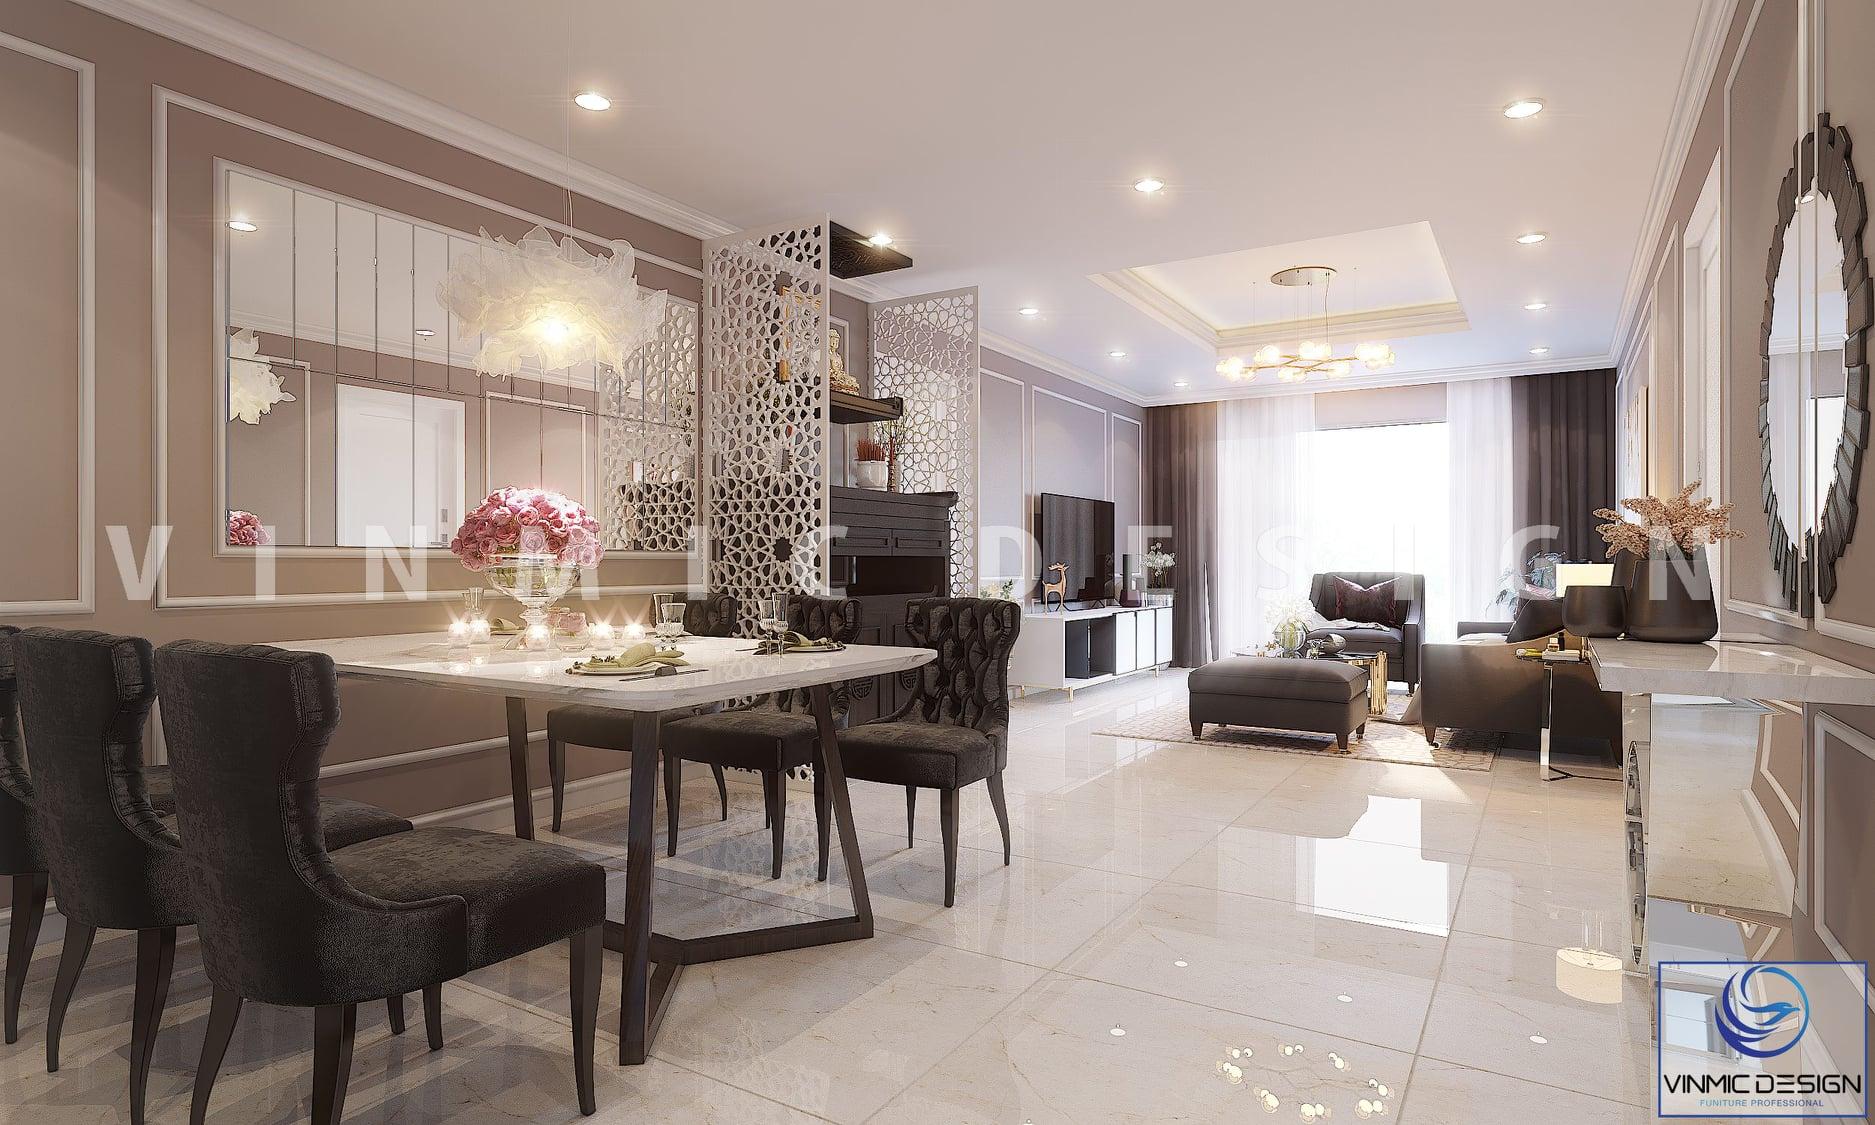 Thiết kế nội thất chung cư 90m2 đẹp